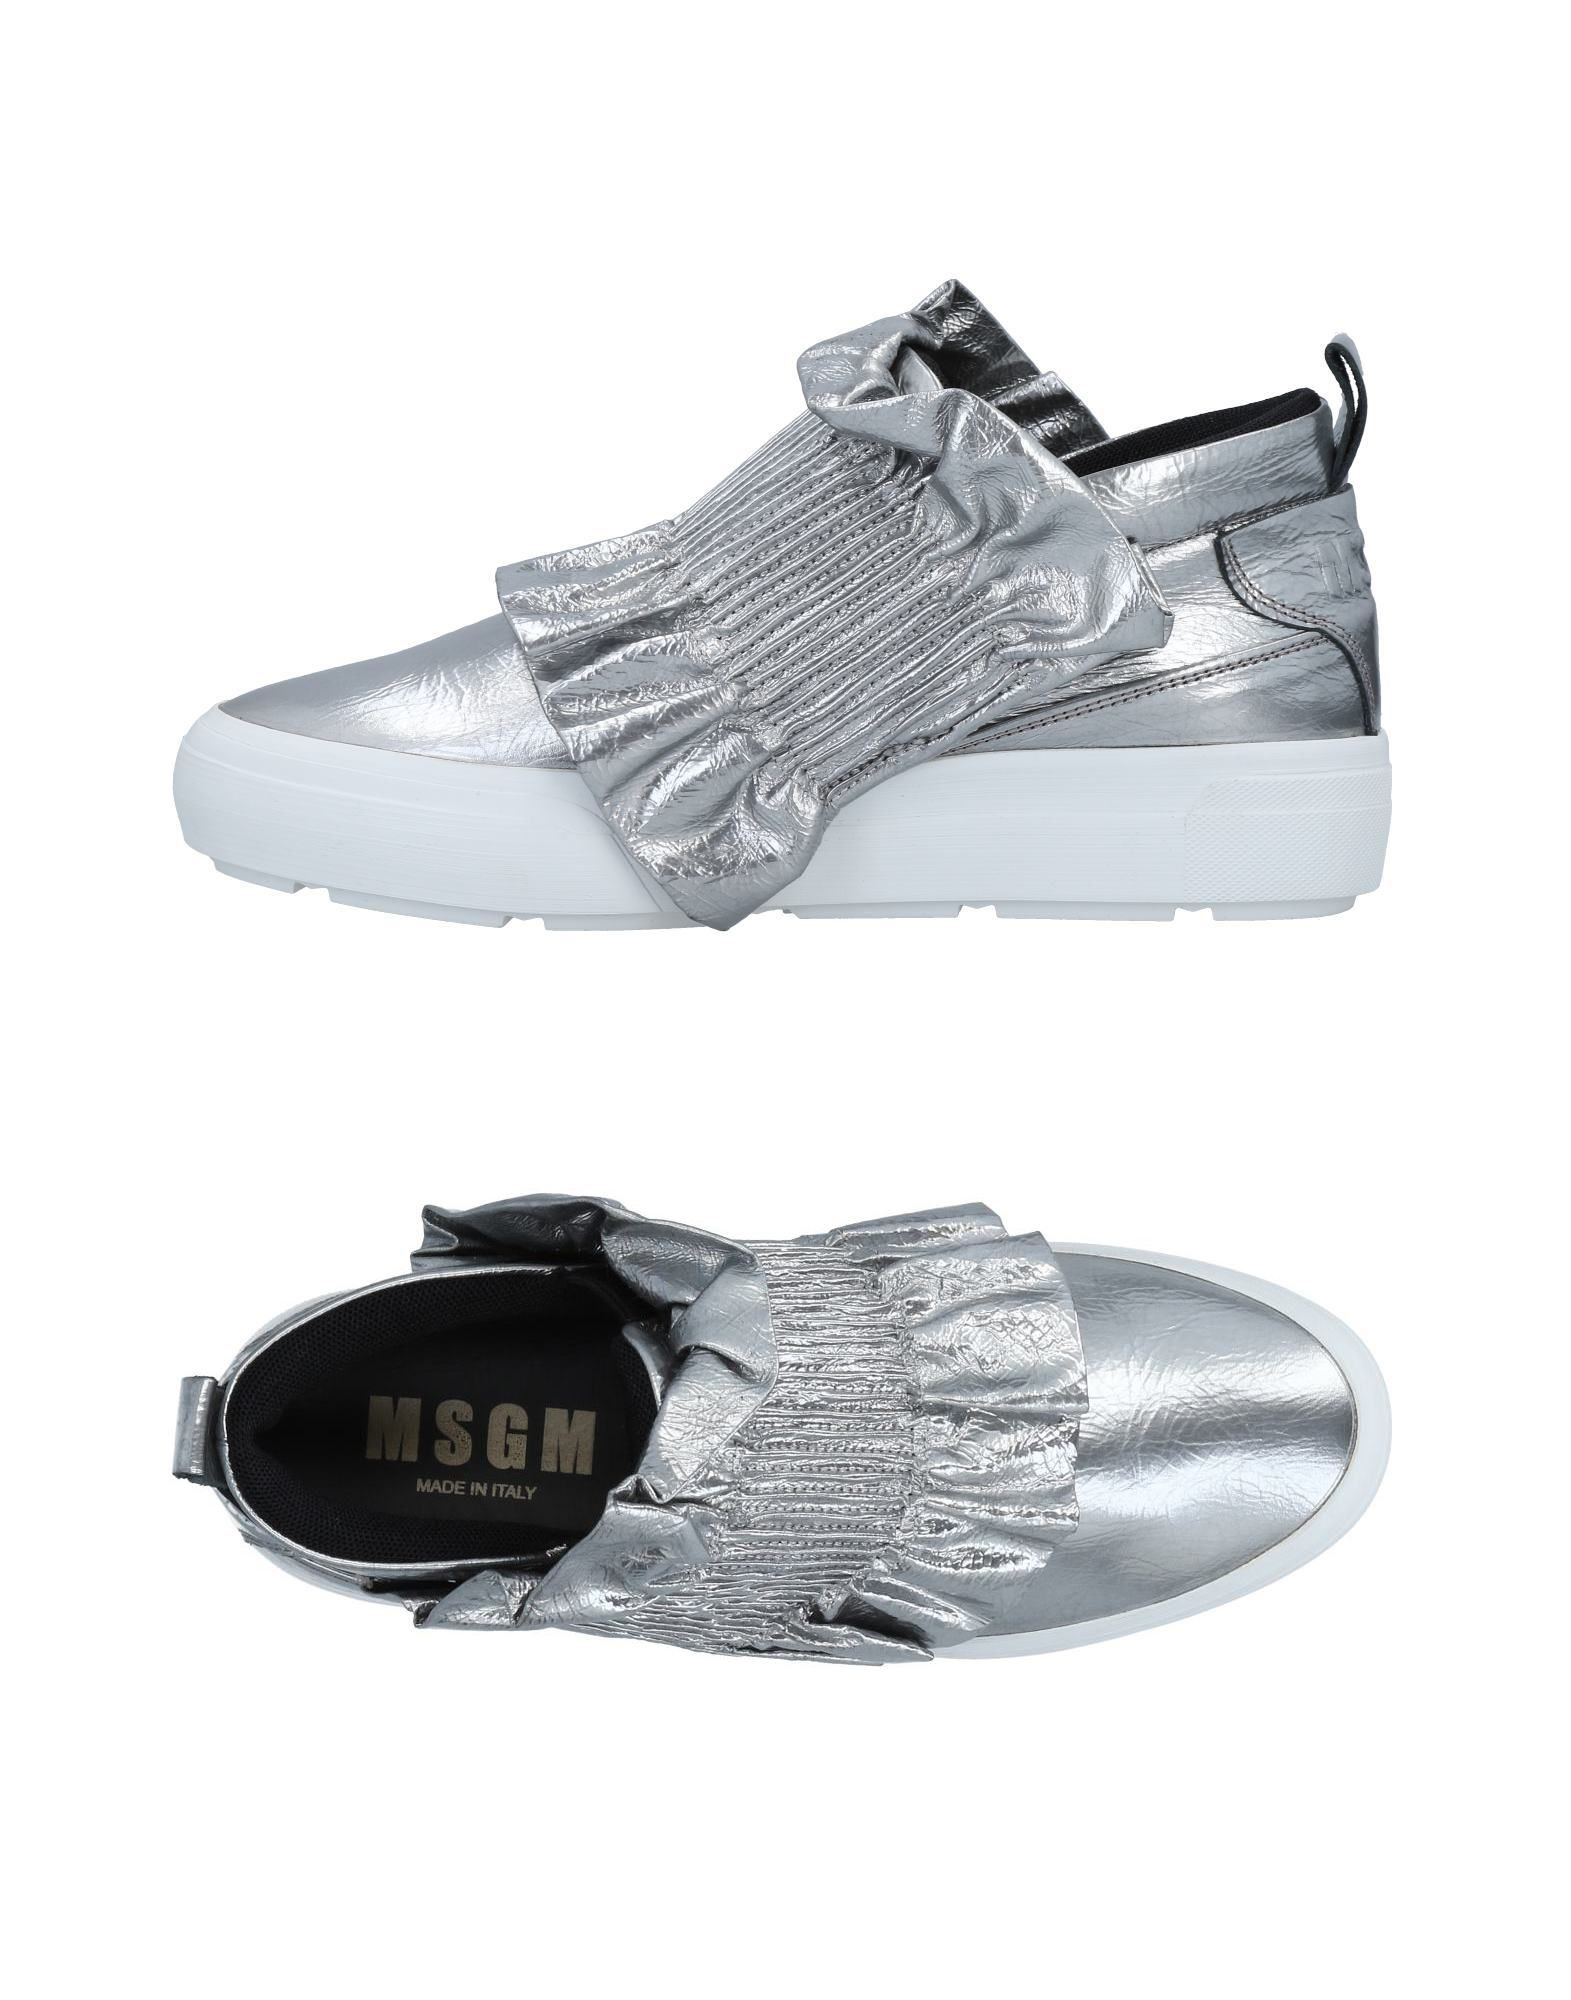 Msgm Sneakers Damen  11493595CJGut aussehende strapazierfähige Schuhe